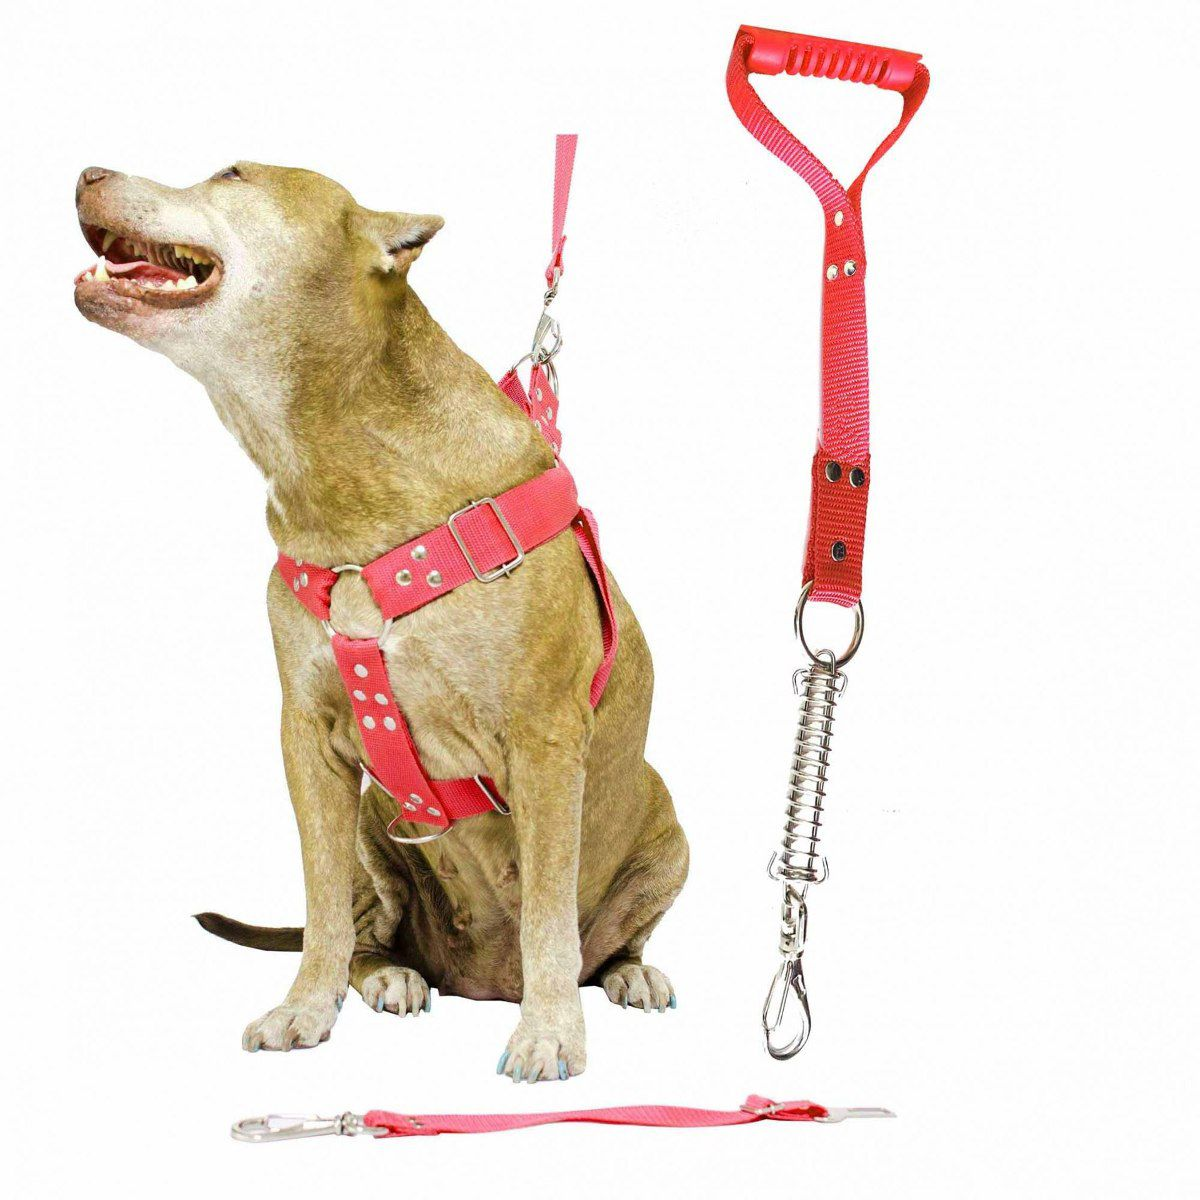 Kit 2x Coleira Peitoral Guia Cinto Segurança Cachorro Doberman Pitbull Anti Puxao - G Preto + Vermelho